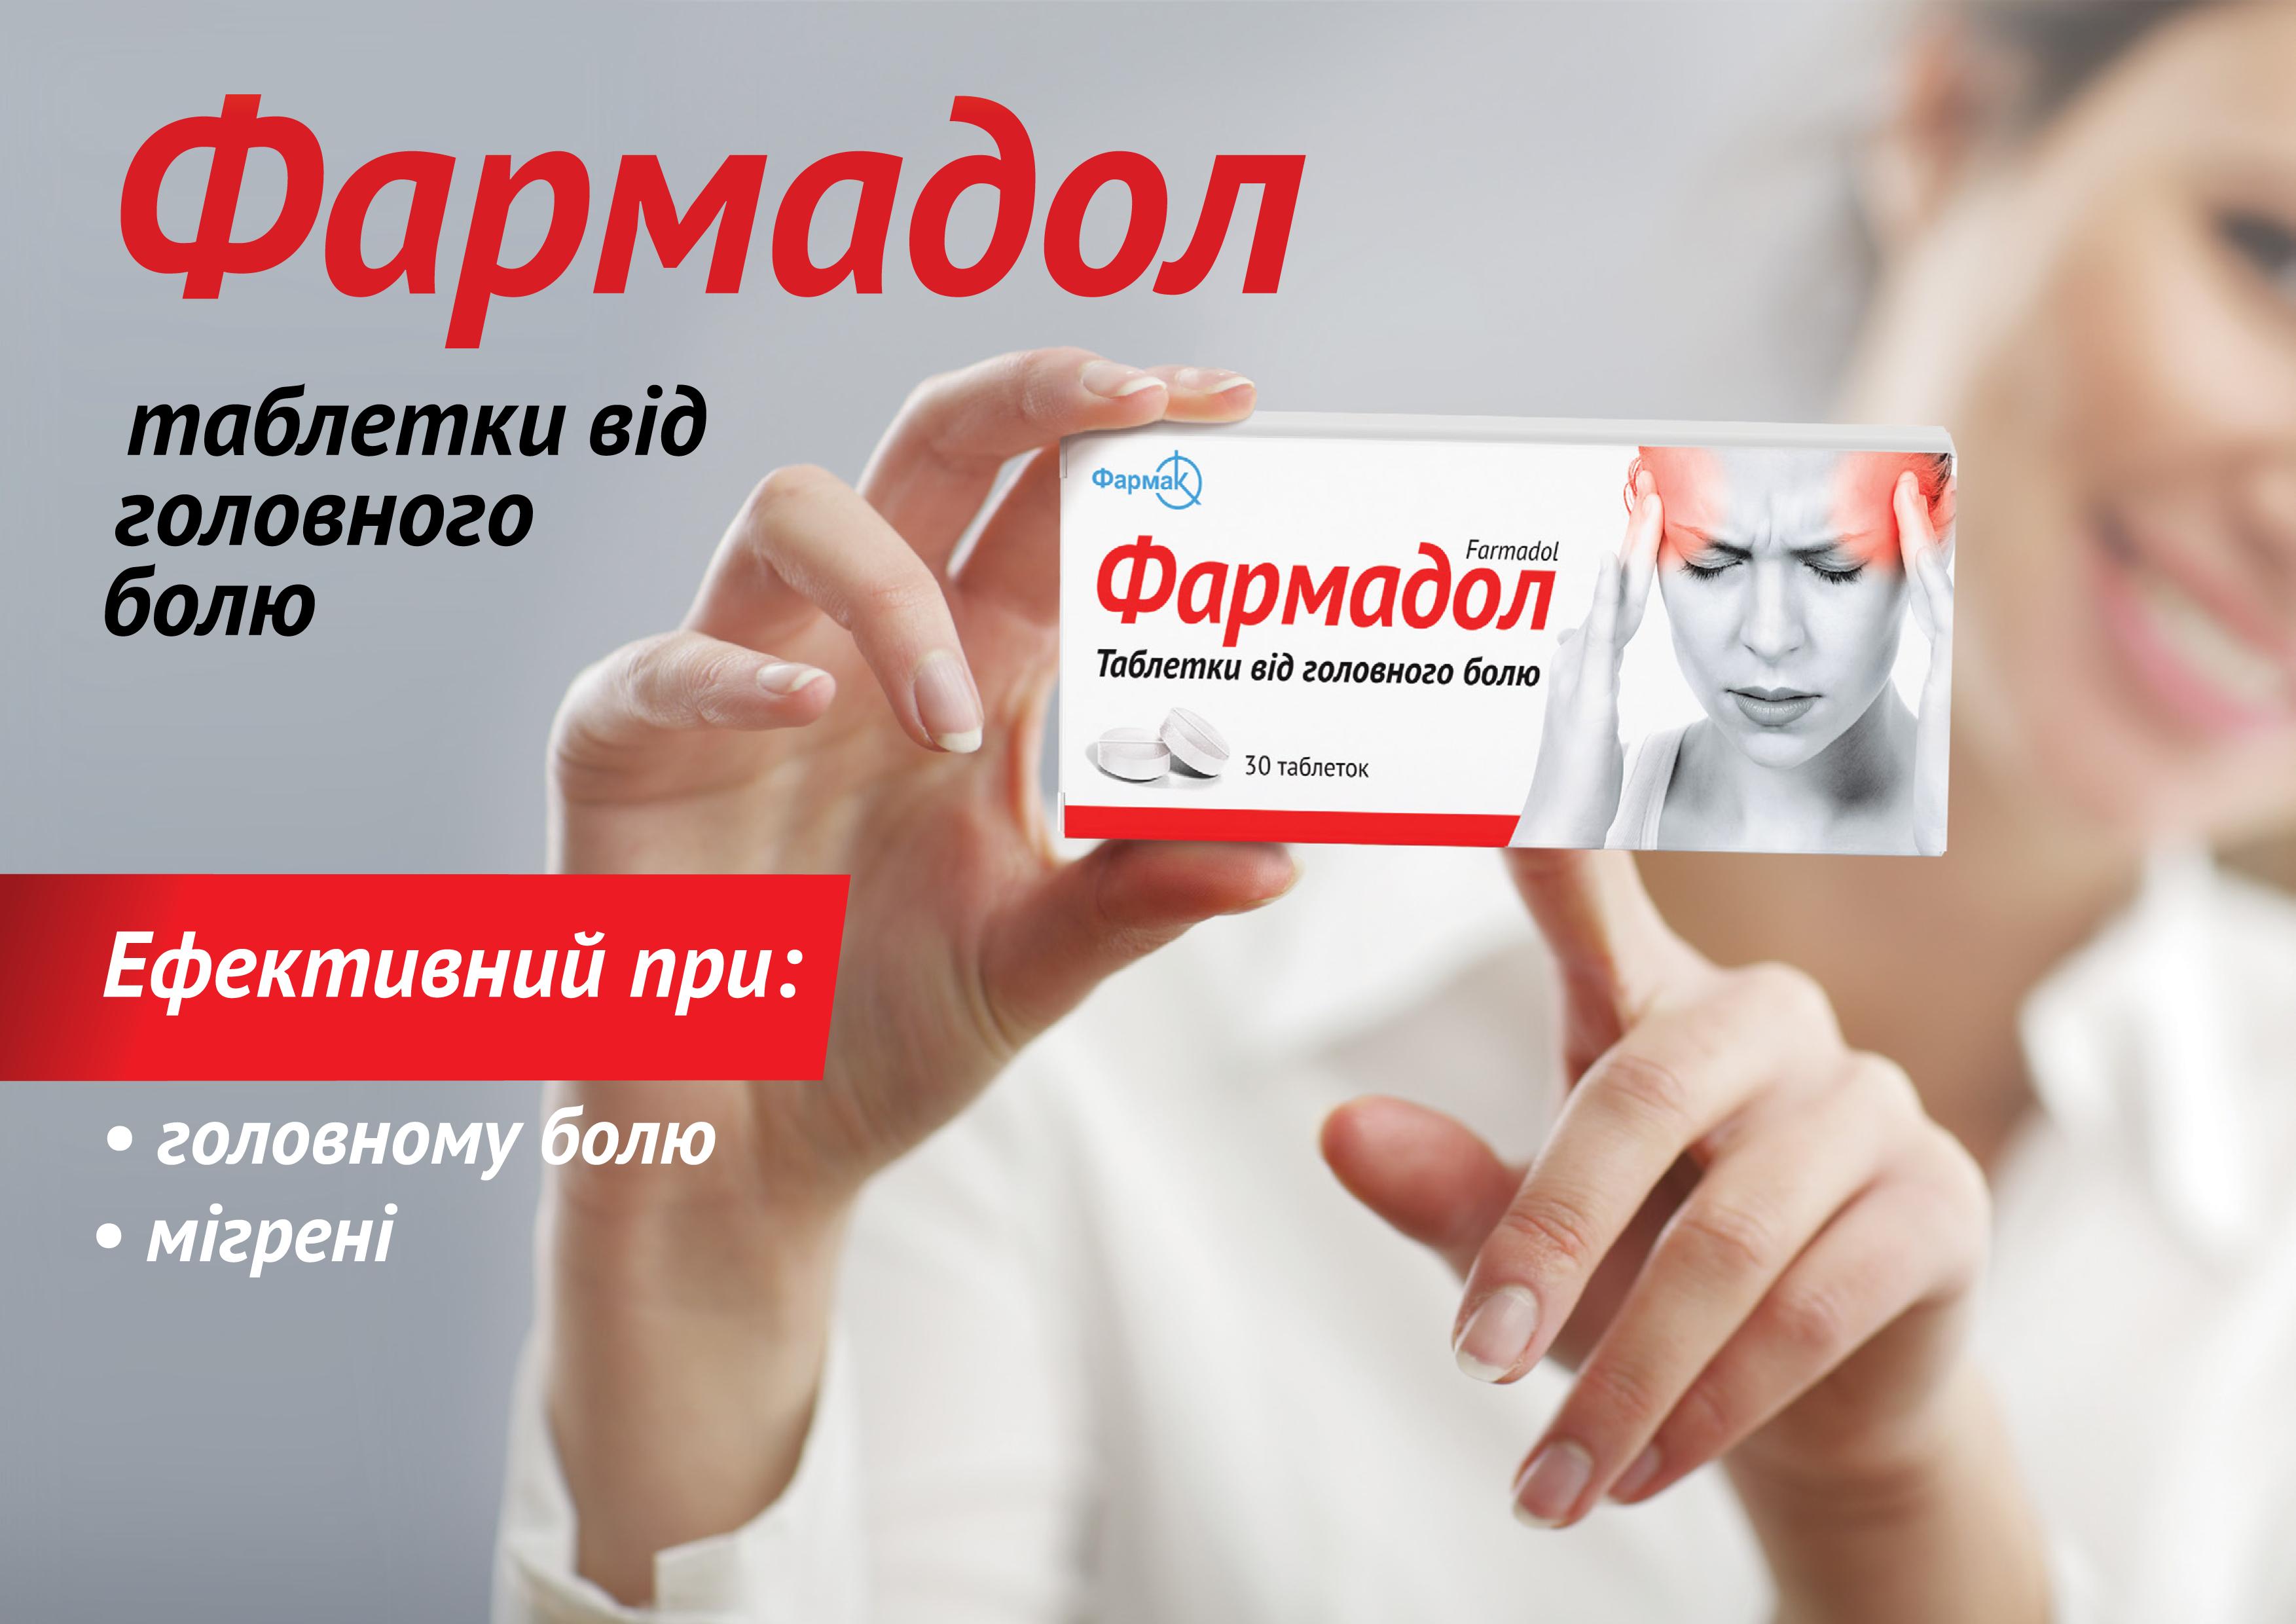 Фармадол - ефективне і доступне рішення при головному болю